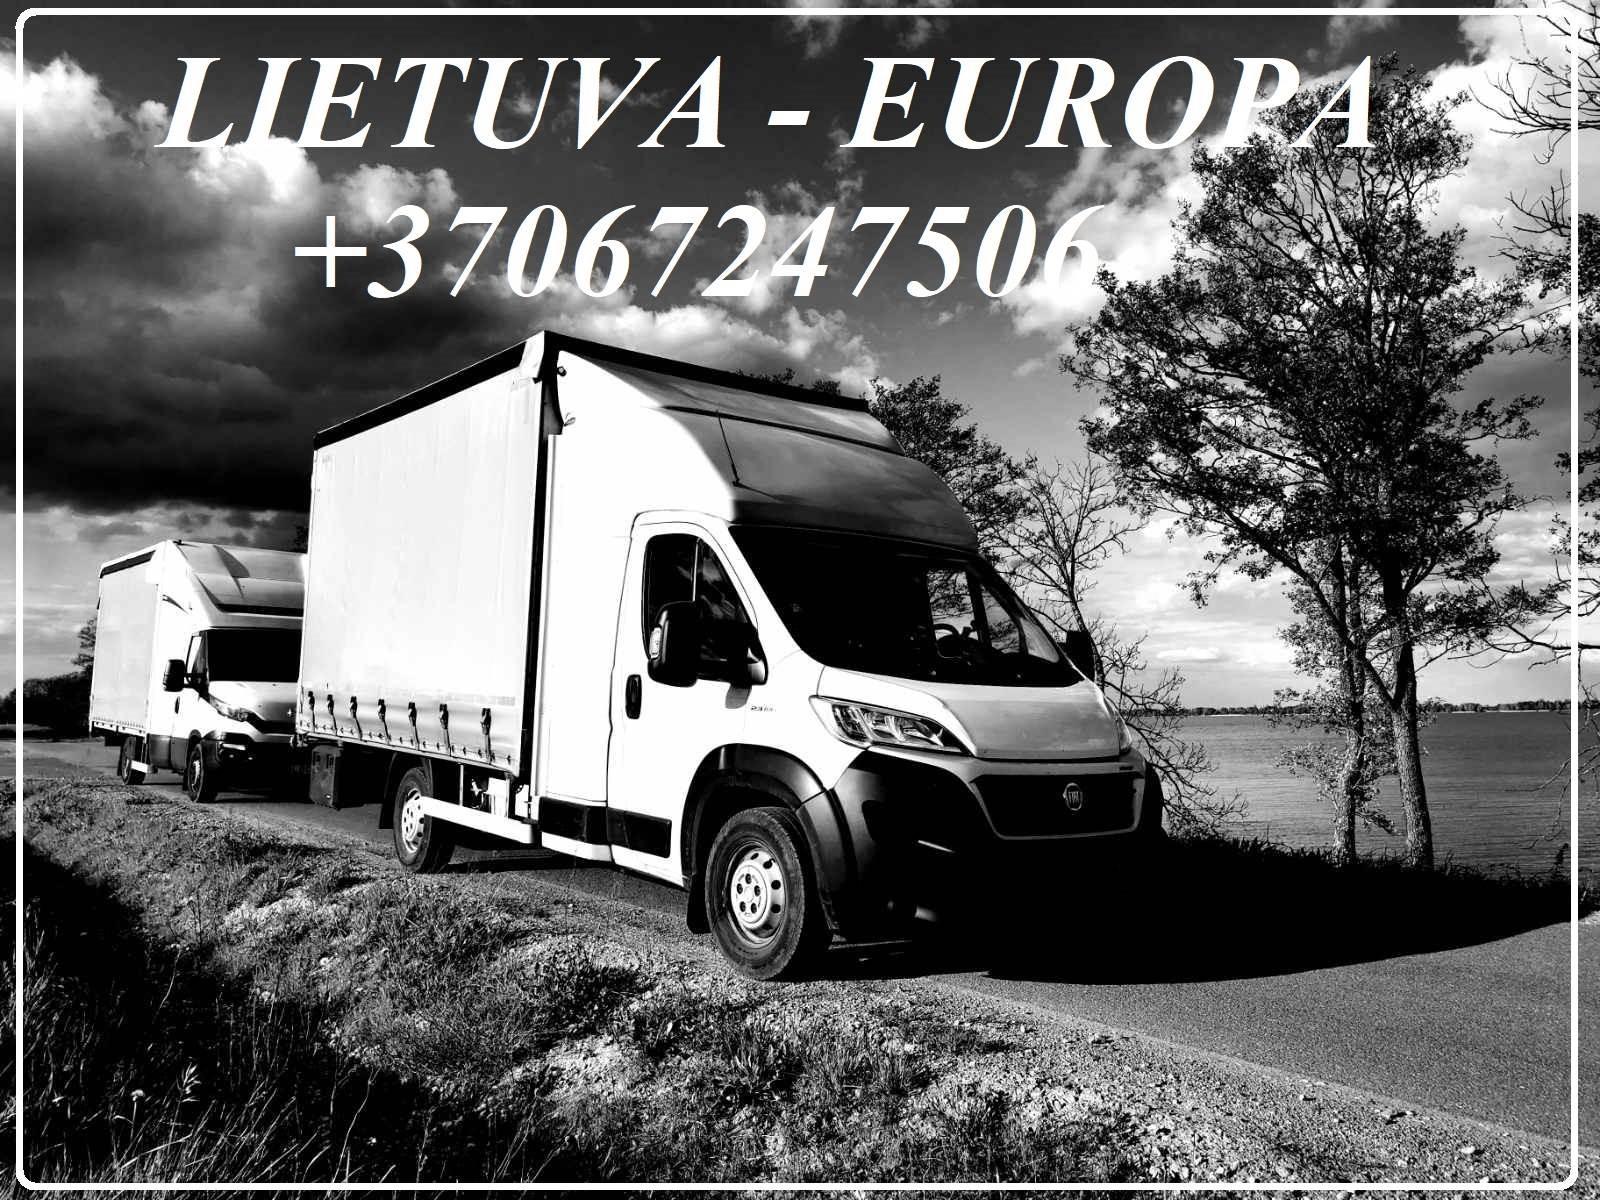 Lietuva - Ariogala - Vokietija - Lietuva !